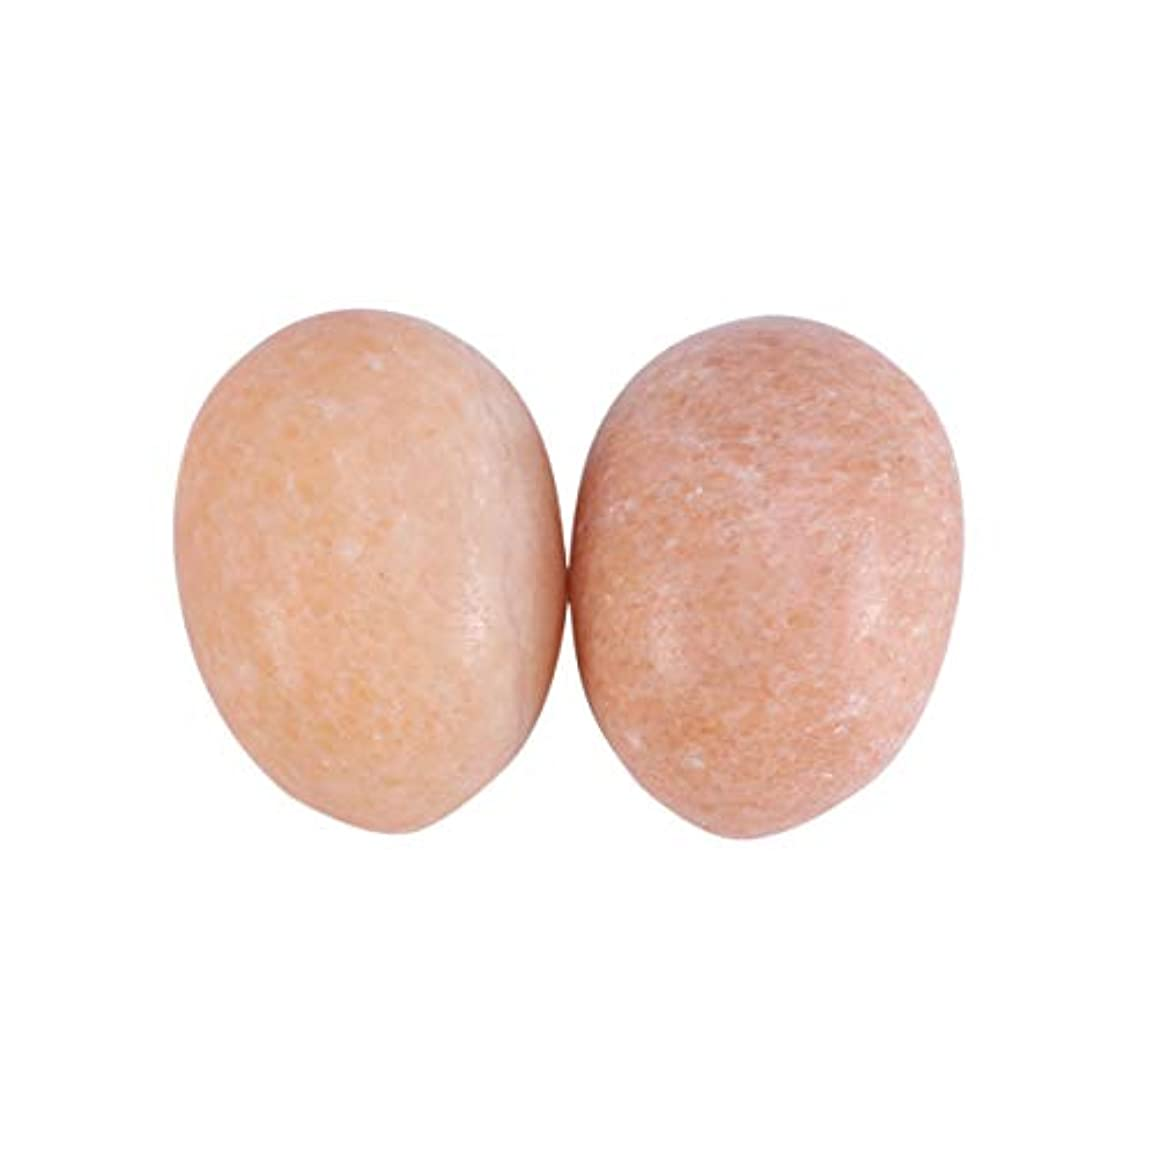 懐疑的睡眠再発するSUPVOX 6個ネフライト玉ヨードエッグ玉ヨードマッサージストーンチャクラ骨盤筋肉の癒しの卵マッサージケゲル運動(夕焼けの赤卵)